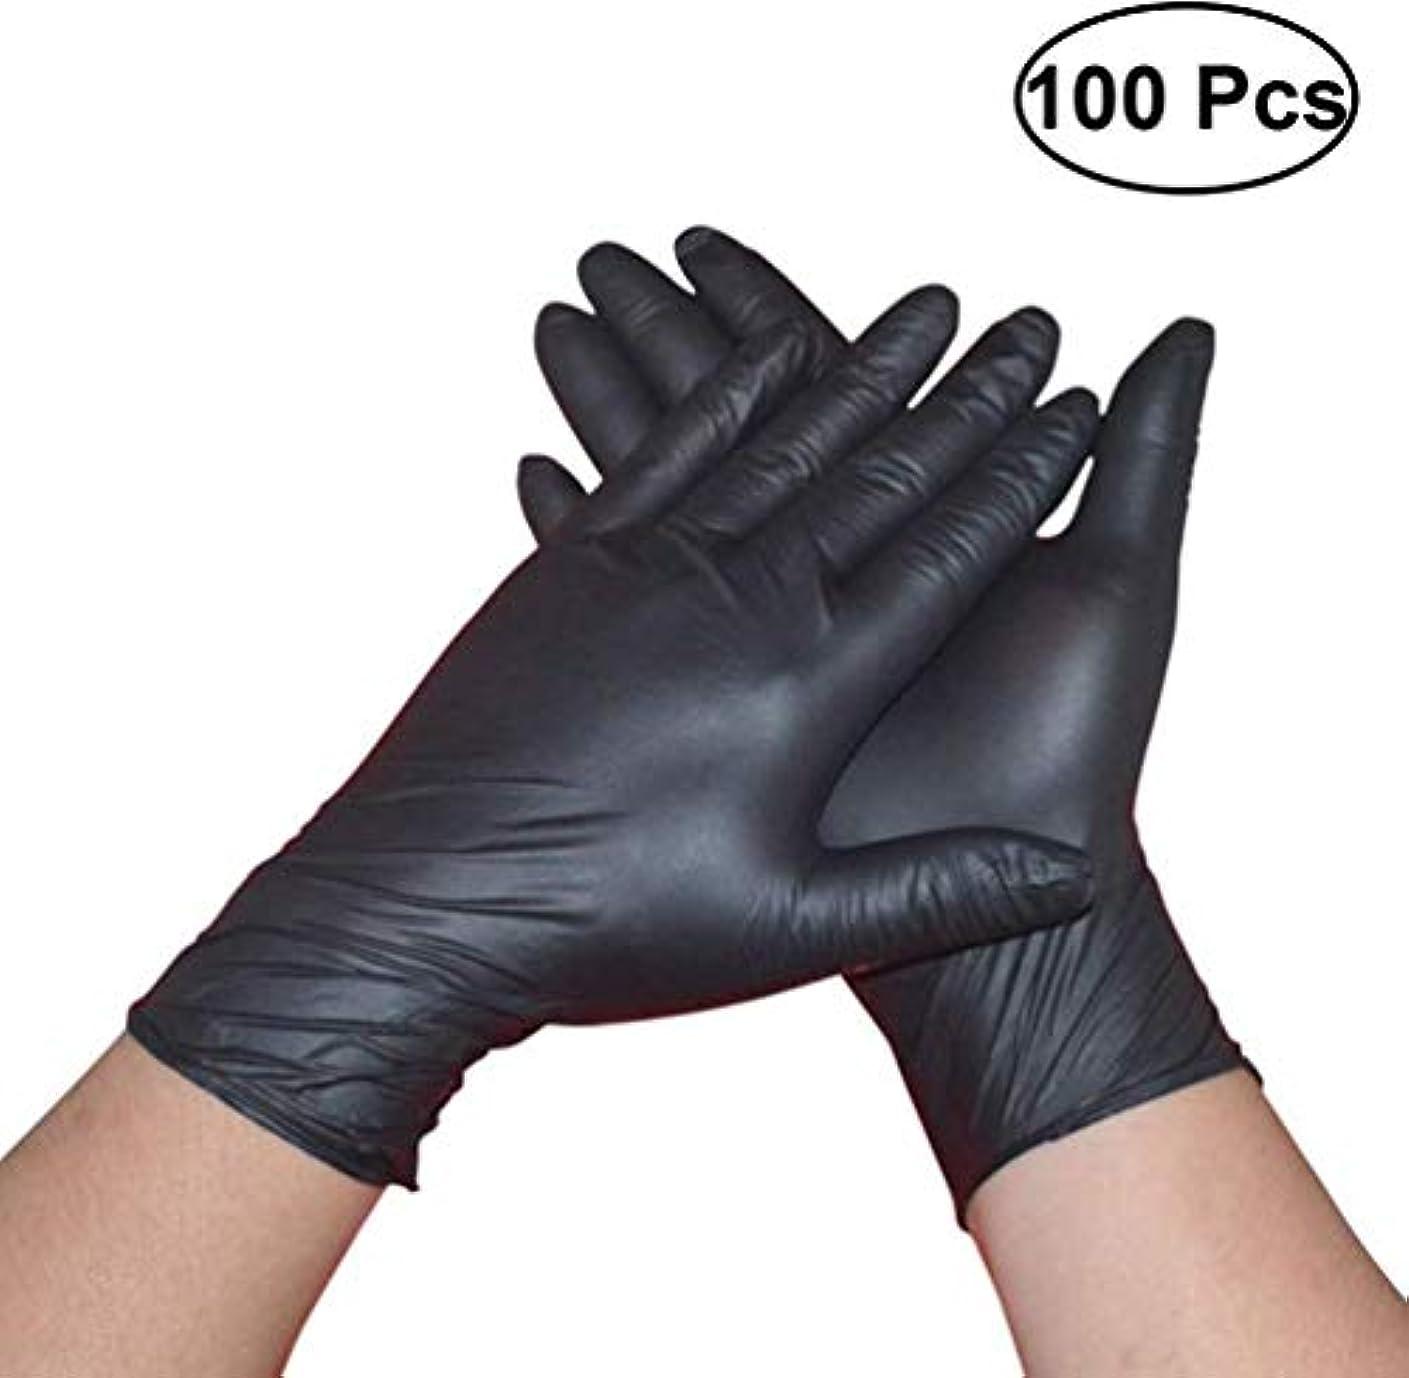 検索エンジンマーケティングも叫び声使い捨て手袋 黒 ニトリル手袋 100枚入 ブラック 家庭用 作業用 防水 耐油 工業用 医療用 理美容用 無料 サイズS